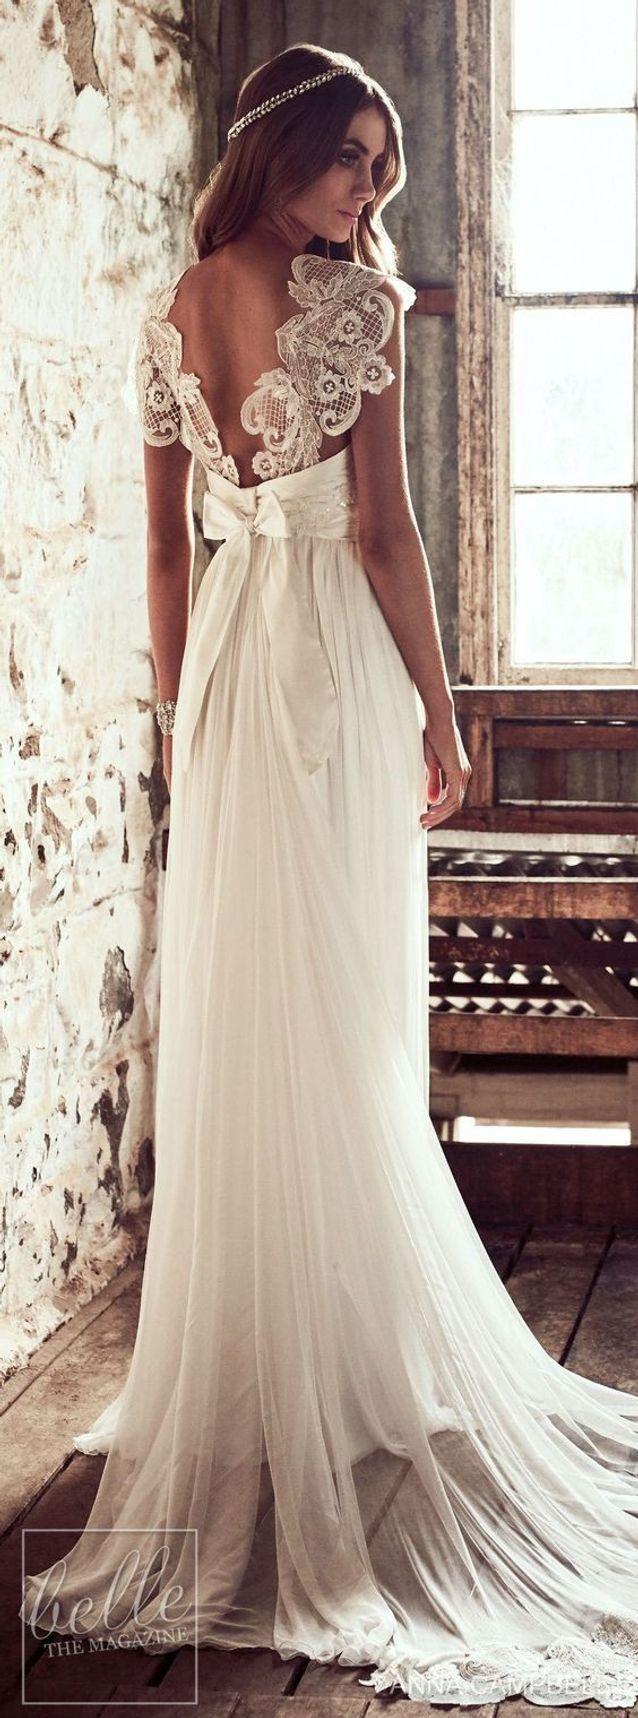 Robe de mariée princesse délicate